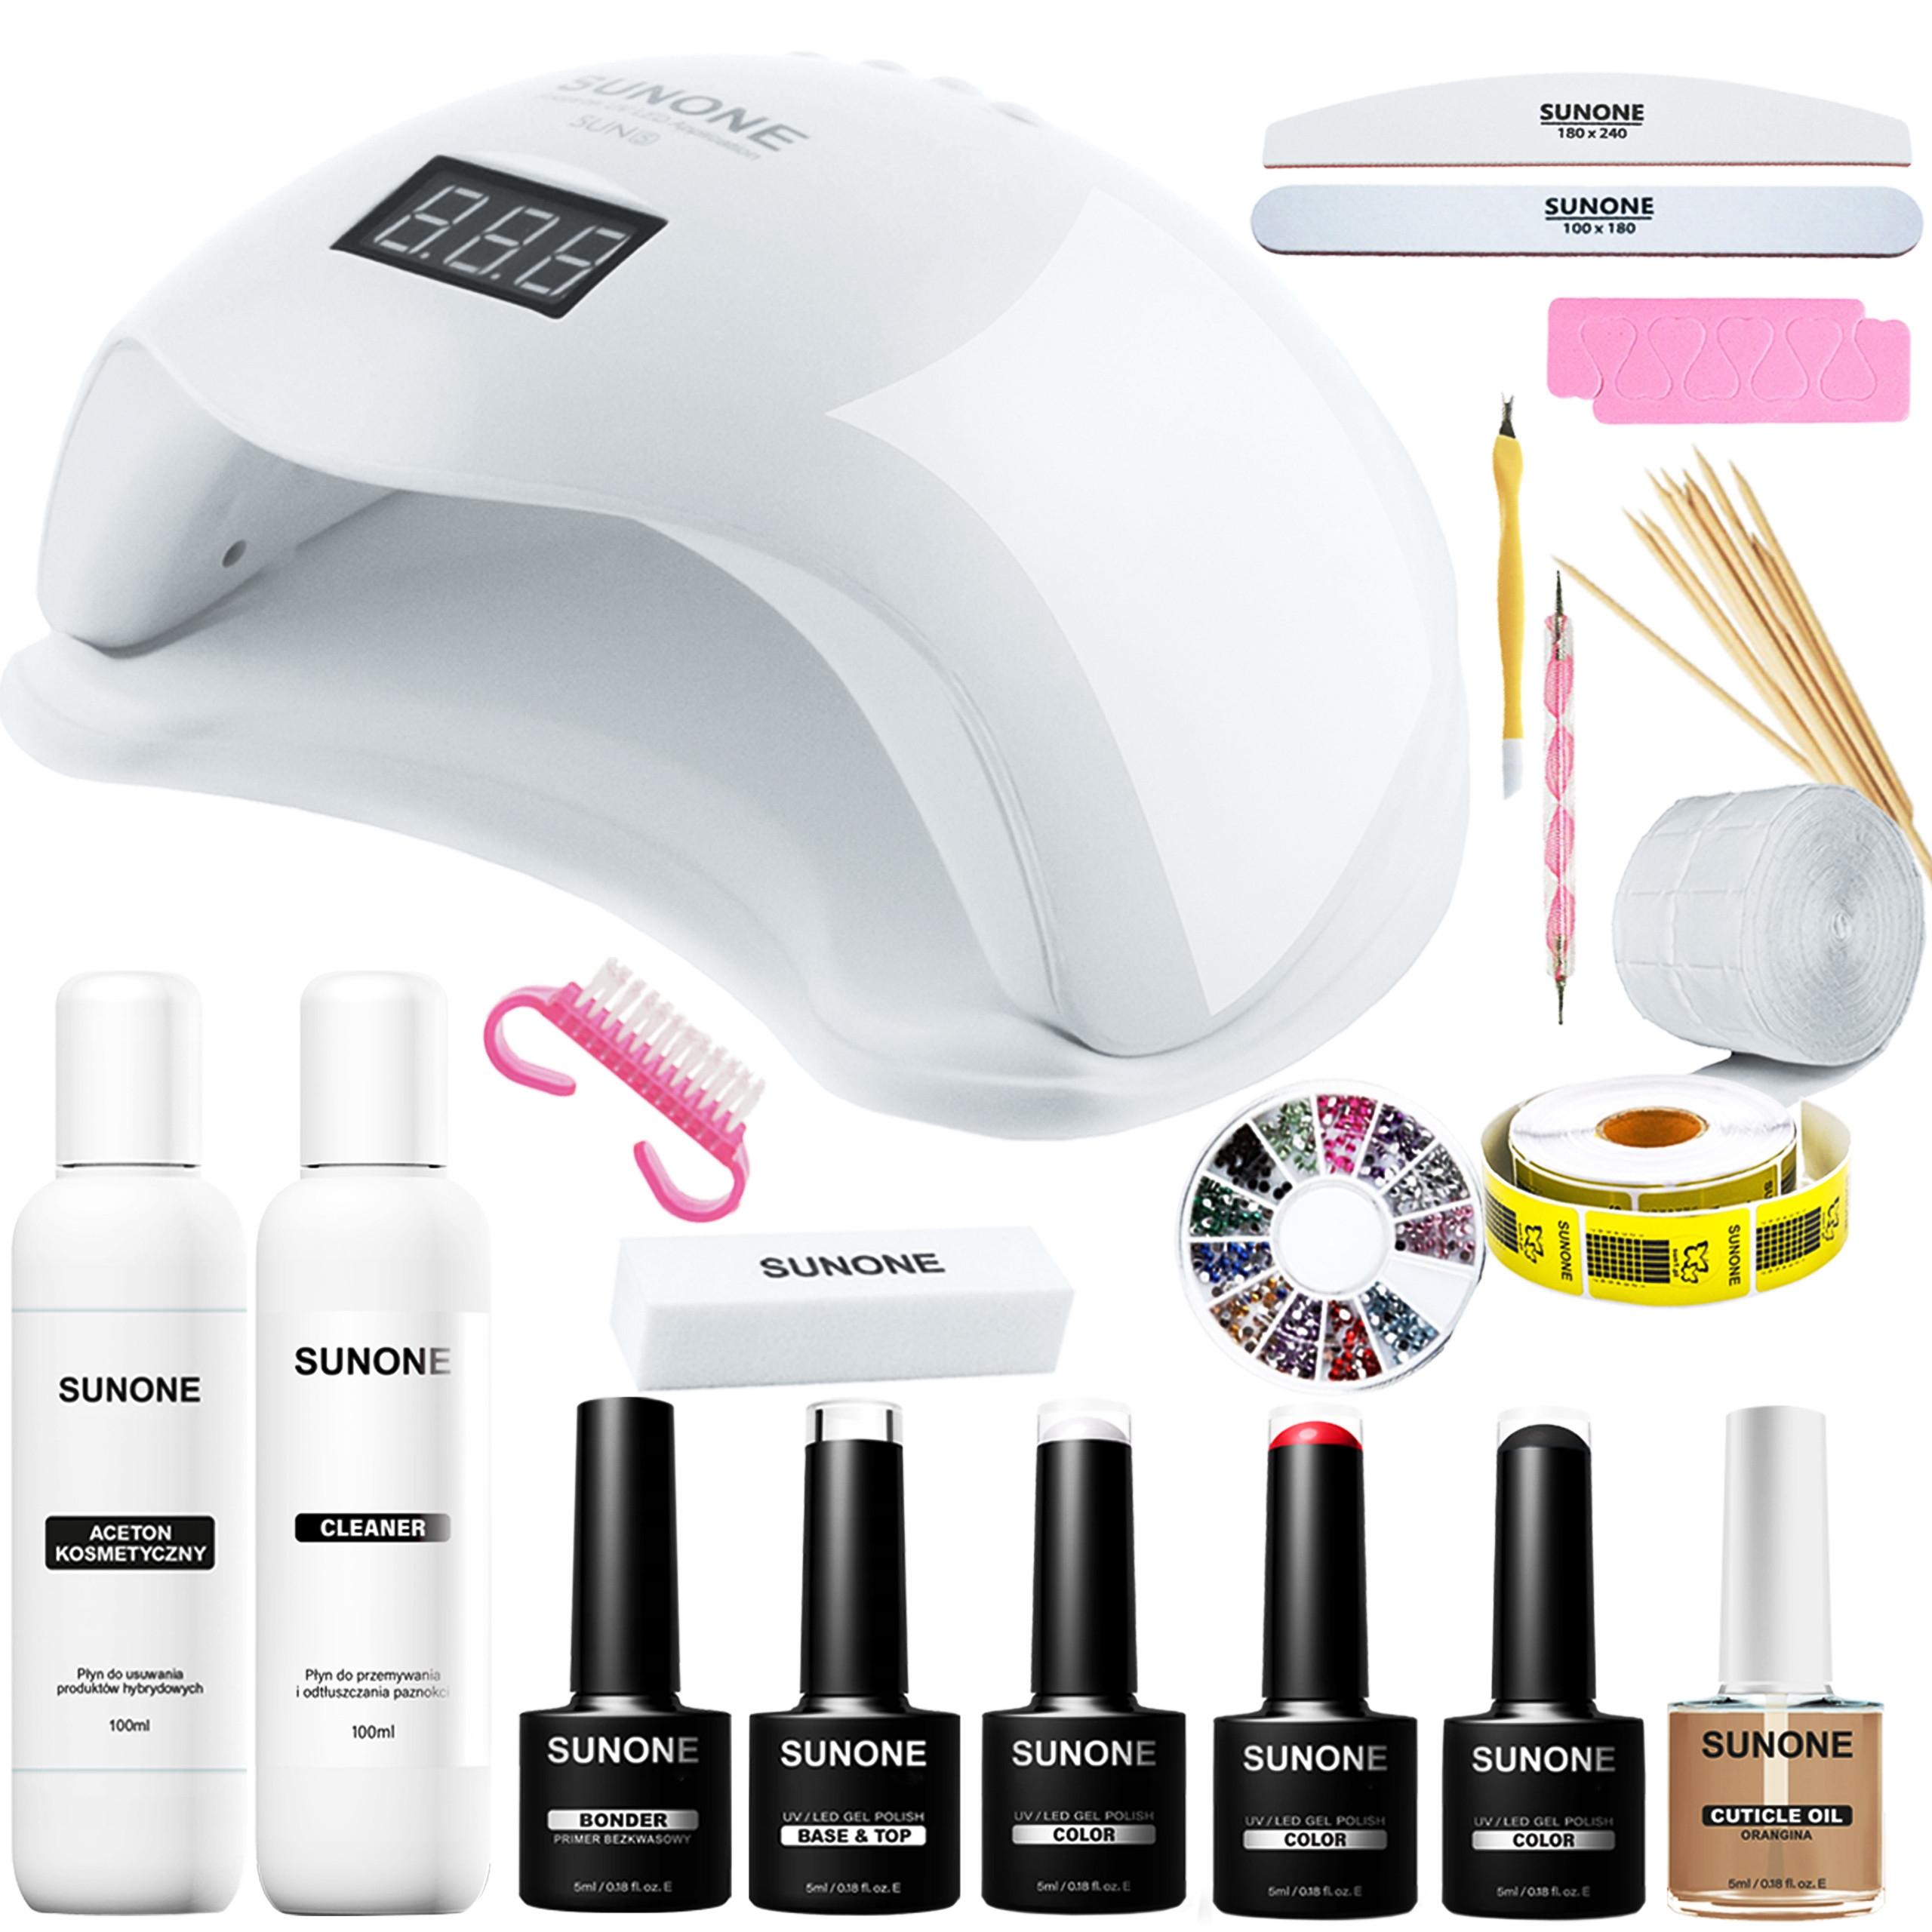 Image of Sunone s02 - zestaw manicure hybrydowego, lampa, akcesoria i kosmetyki do paznokci